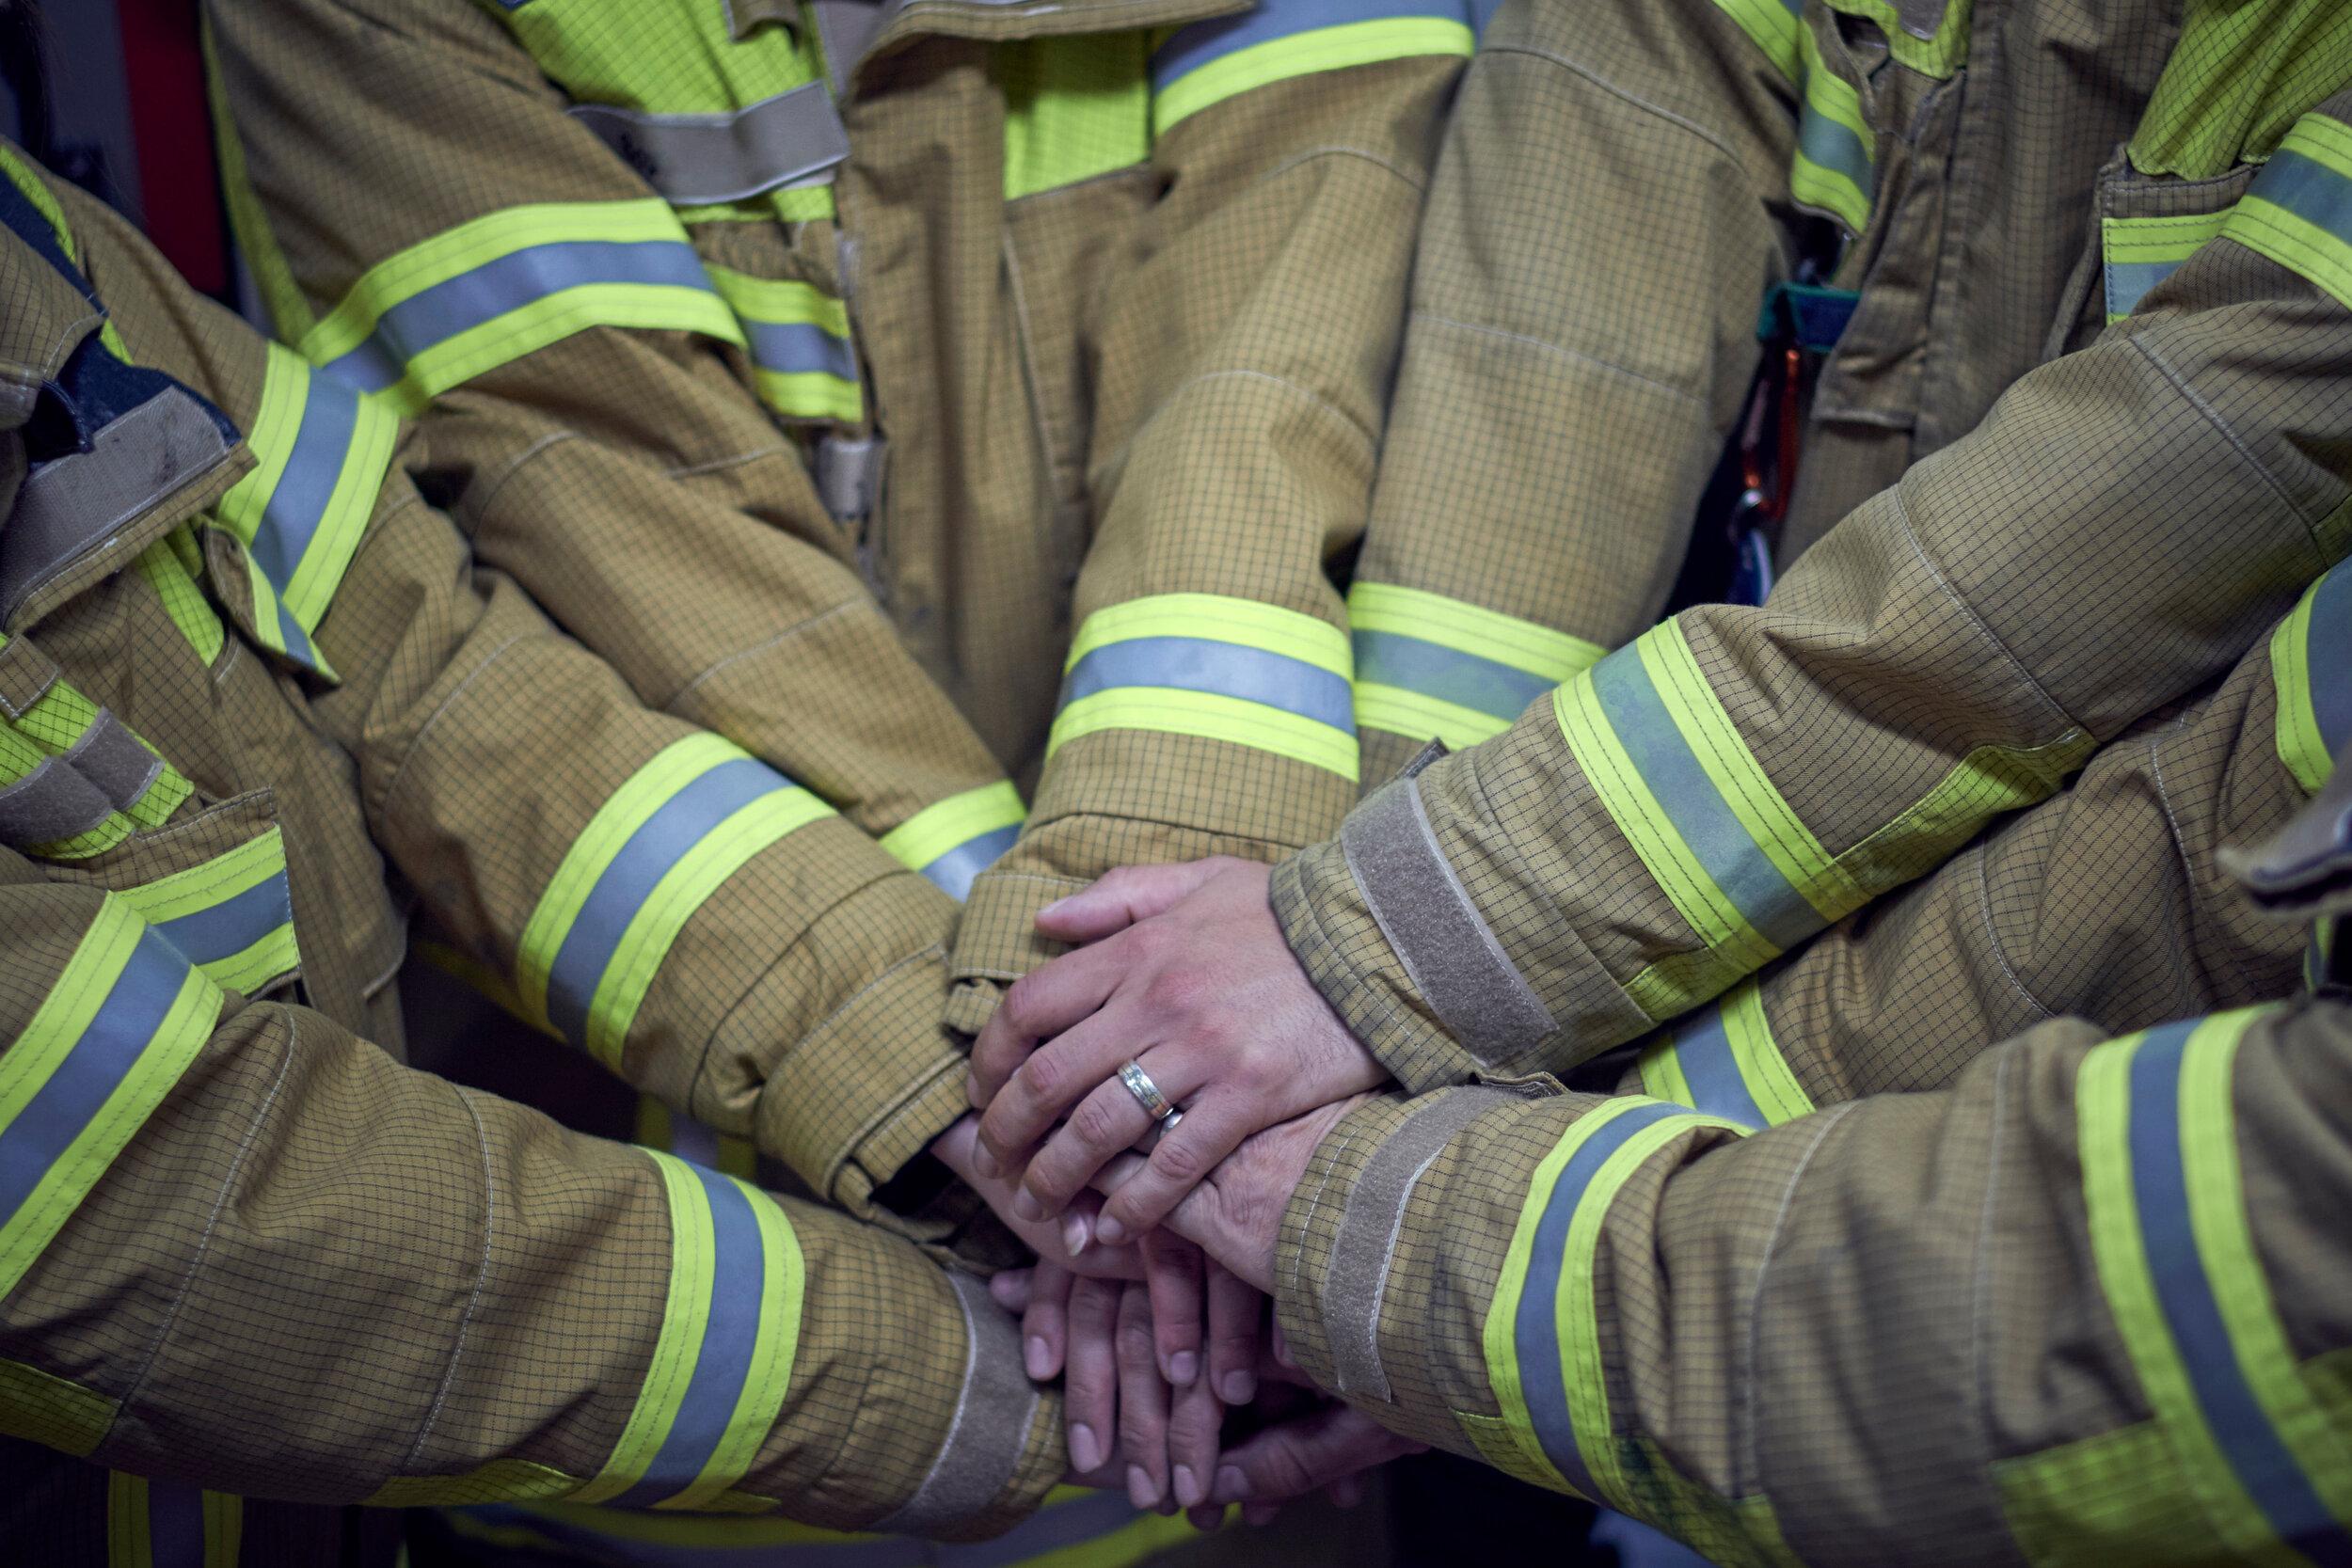 firefighter-accident-testing-dangerous.jpg